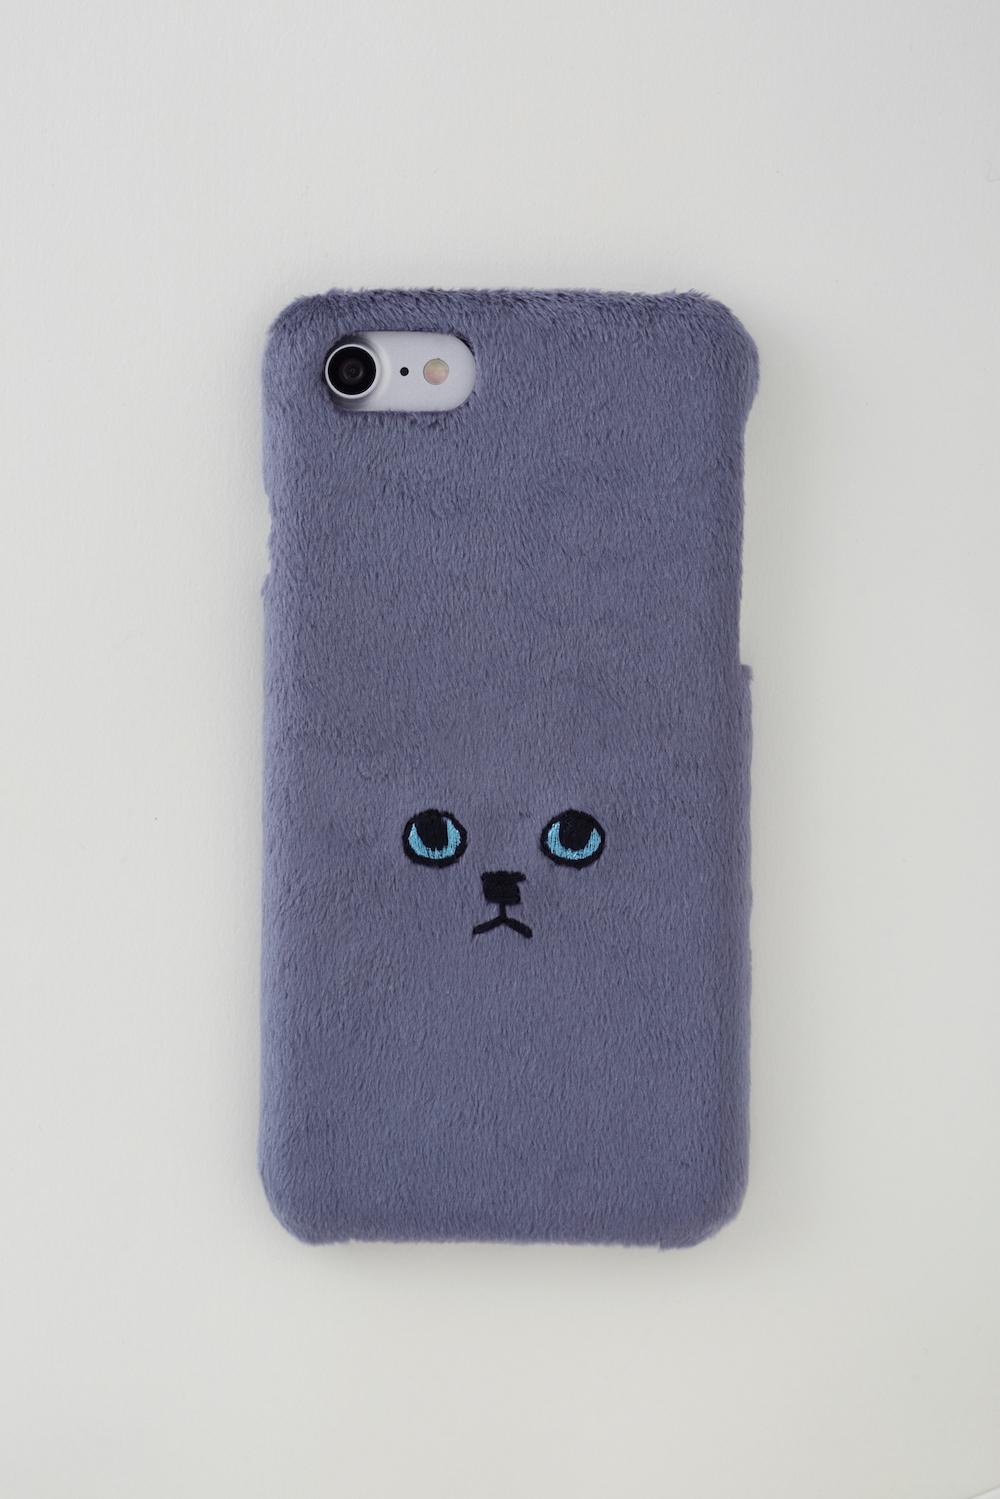 【新生地】ネコiPhone6/6sケース【グレーブルーアイ】